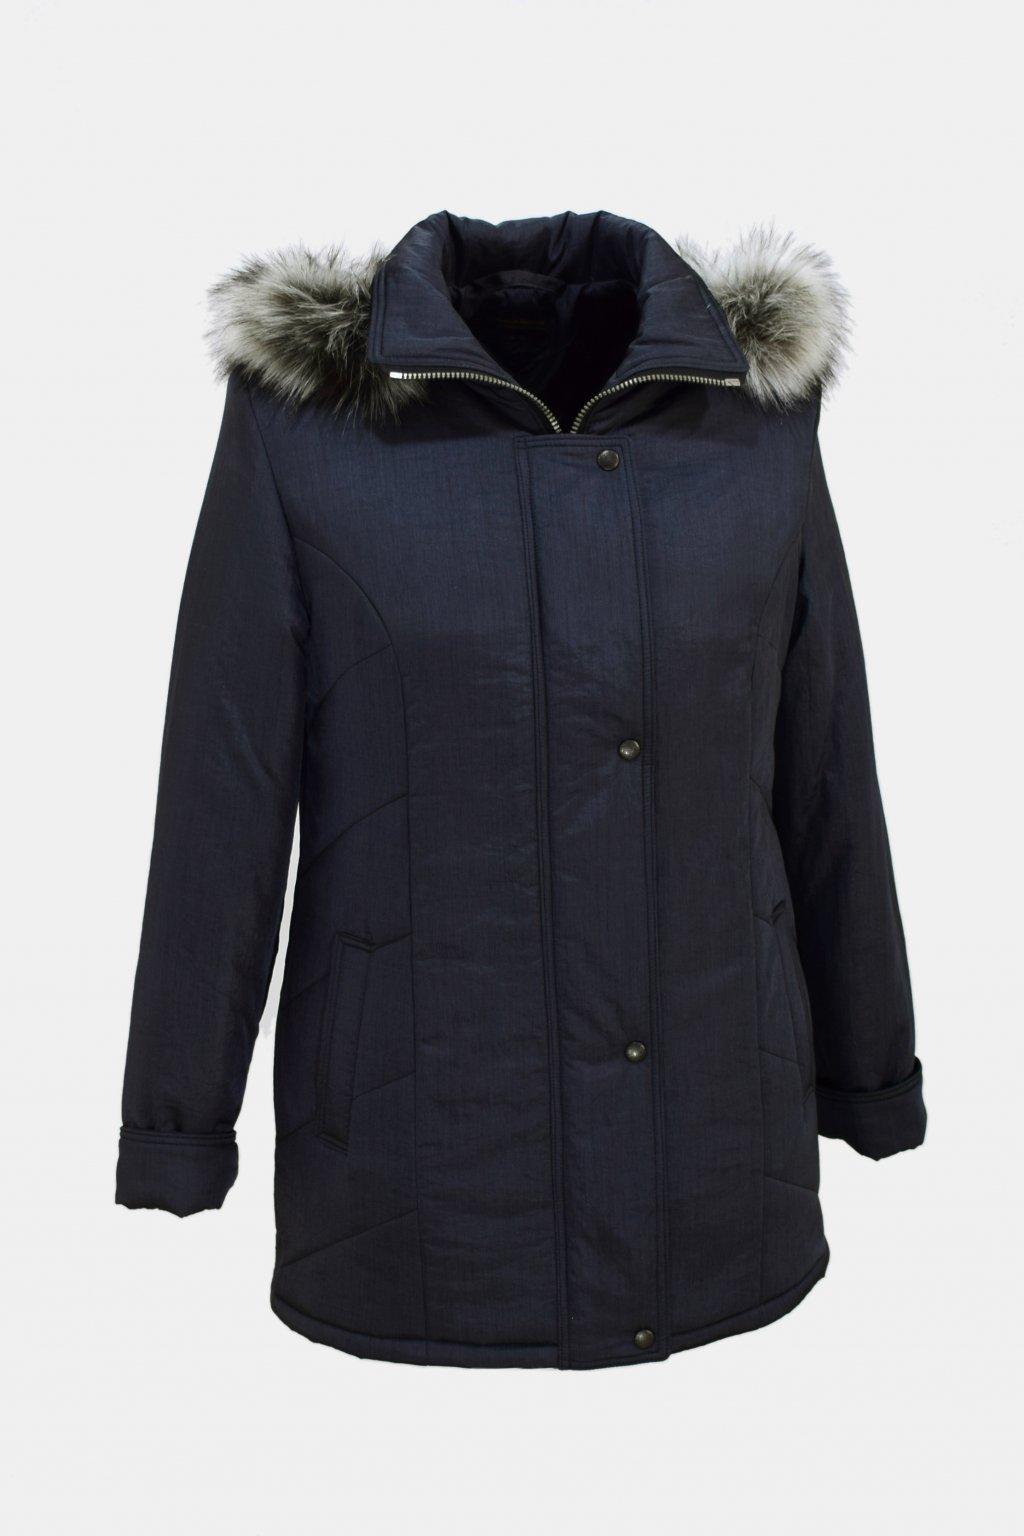 Dámská šedá krešovaná zimní bunda Andrea nadměrné velikosti